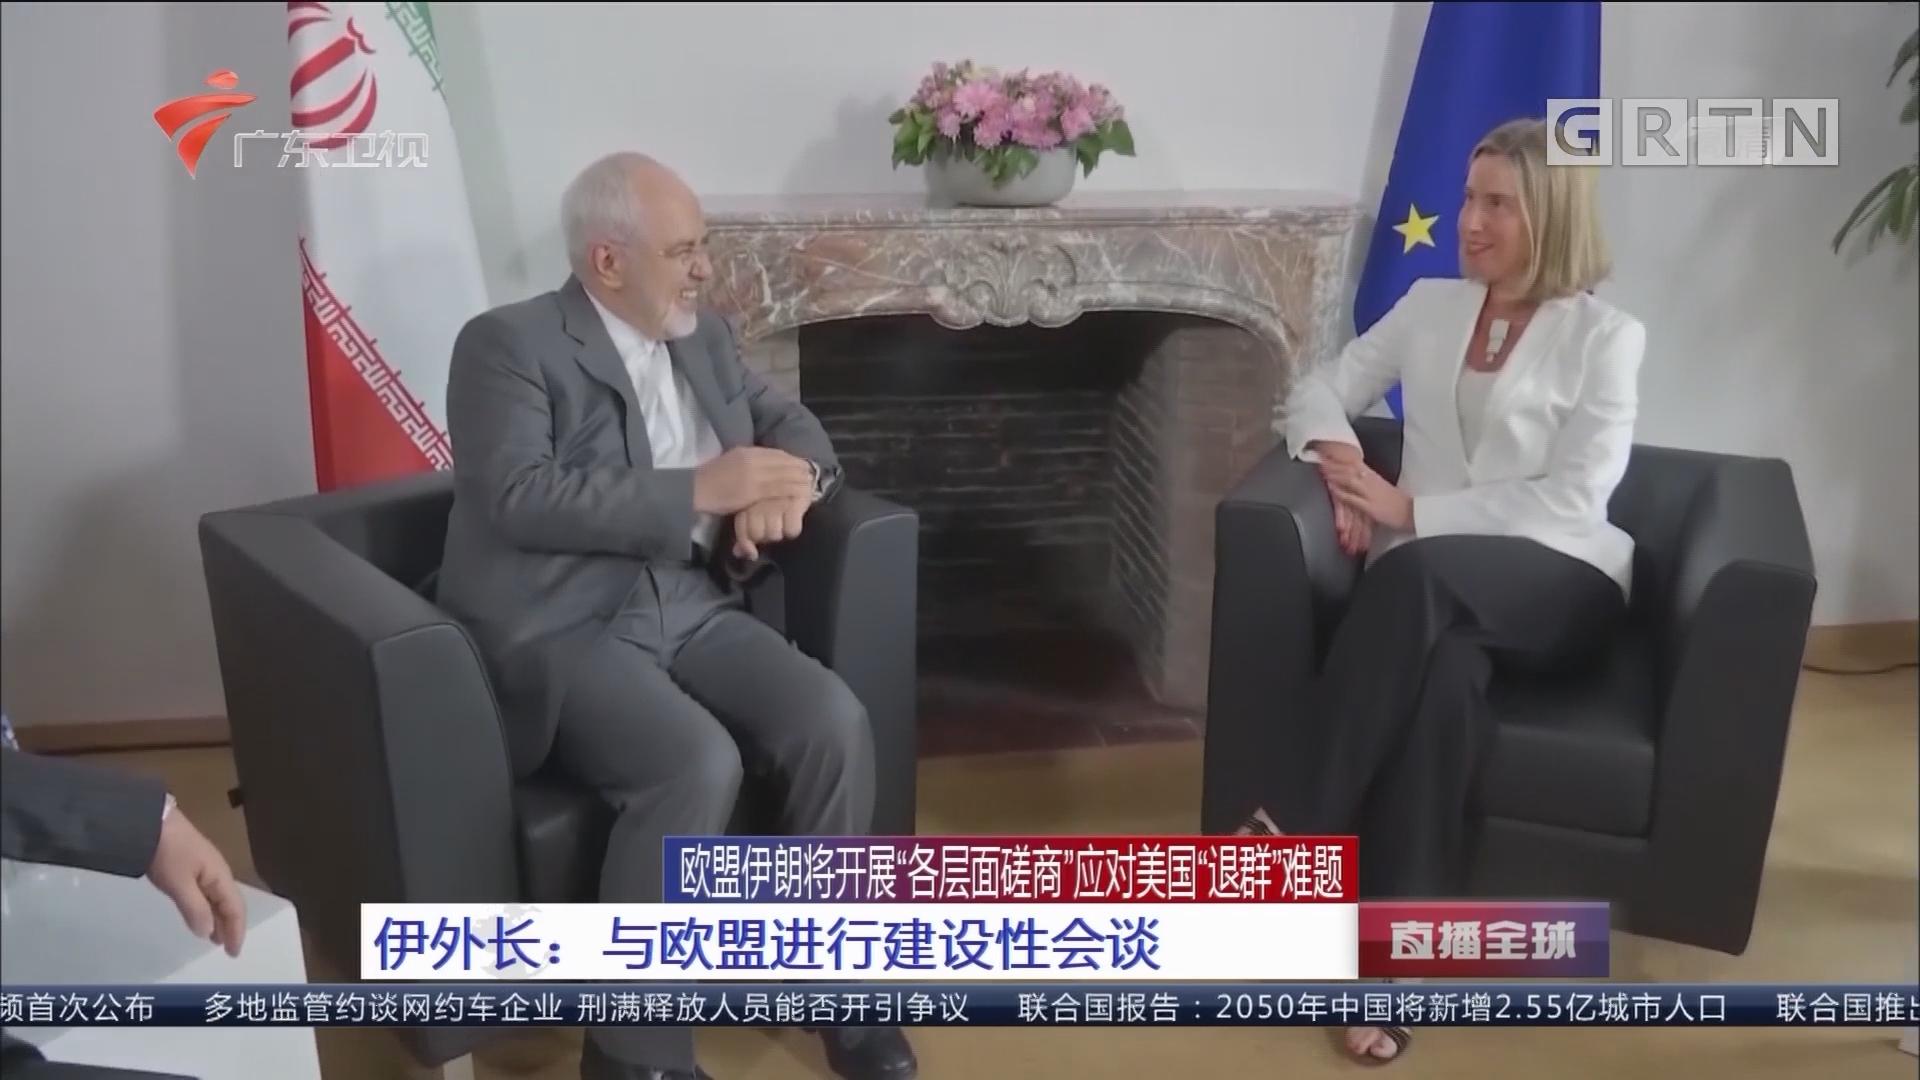 """欧盟伊朗将开展""""各层面磋商""""应对美国""""退群""""难题 伊外长:与欧盟进行建设性会谈"""